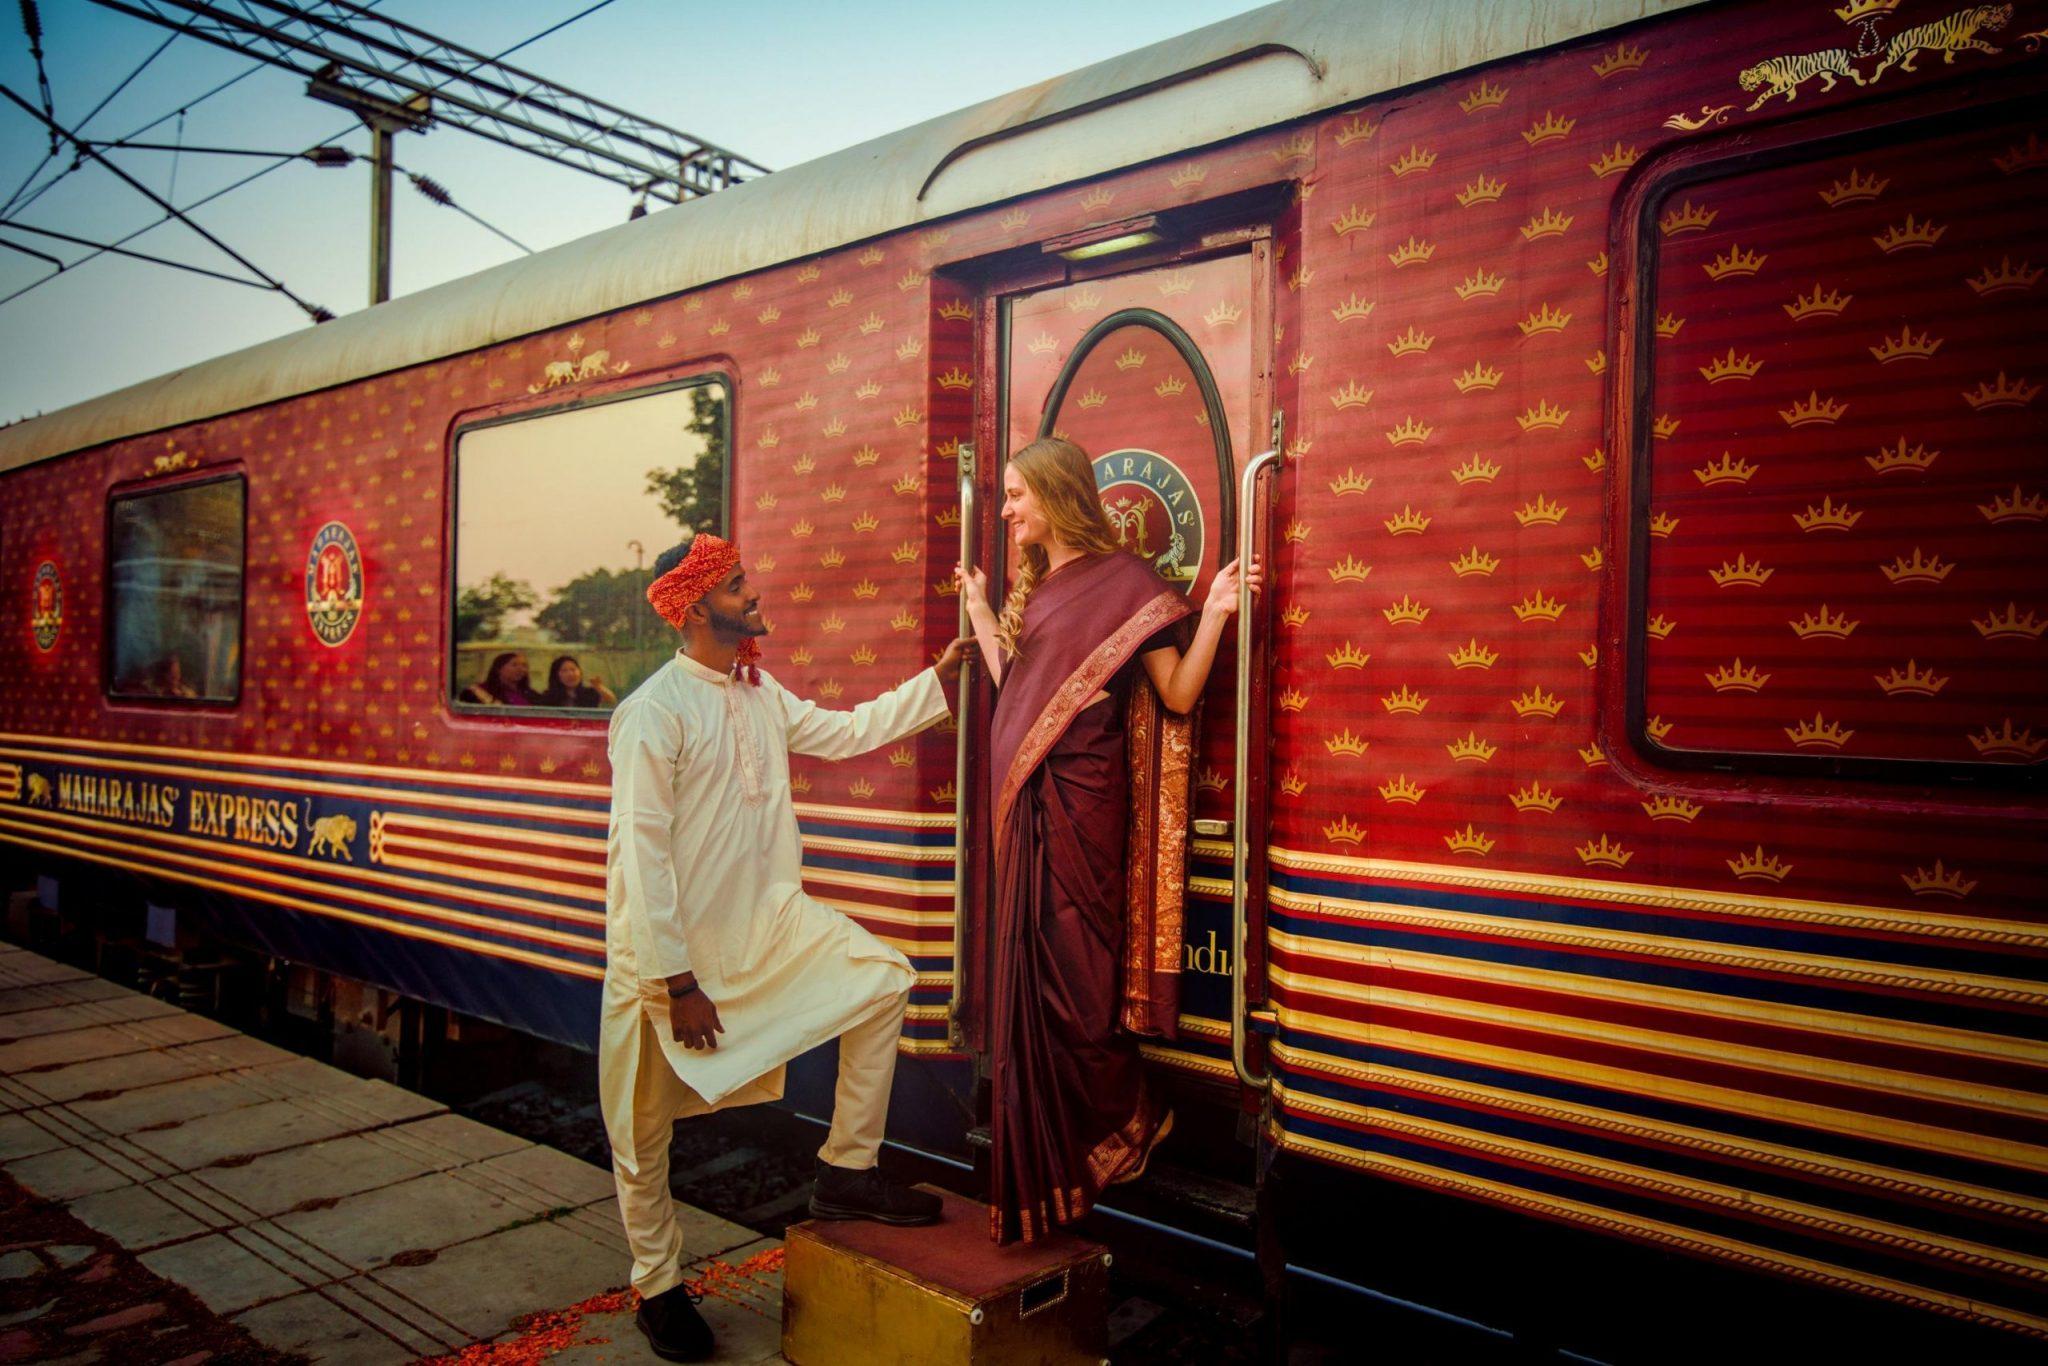 maharajas-express-train-tj-vj-outside